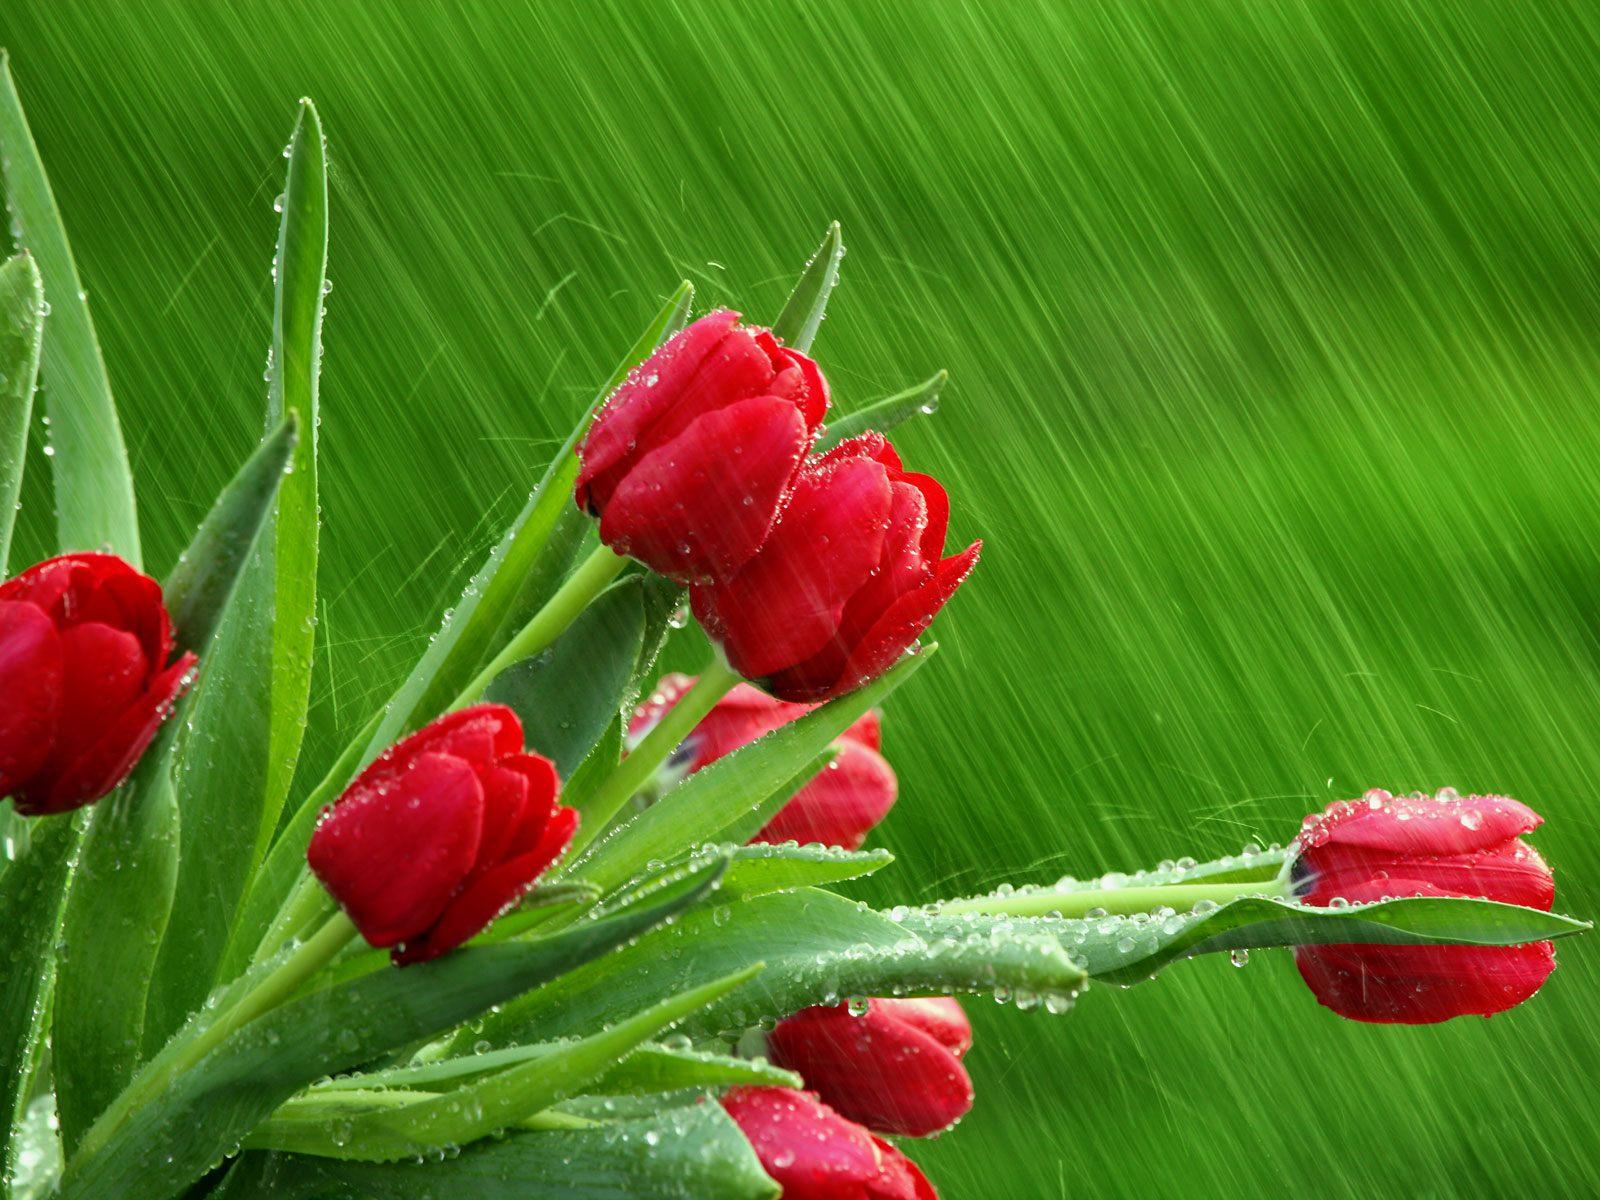 http://4.bp.blogspot.com/-NfyTHp5pTR0/TkEmOuz-vDI/AAAAAAAABYE/Q7gdRUDISOY/s1600/Red+Tulips+in+the+Rain+HD+flowers+Wallpaper.jpg